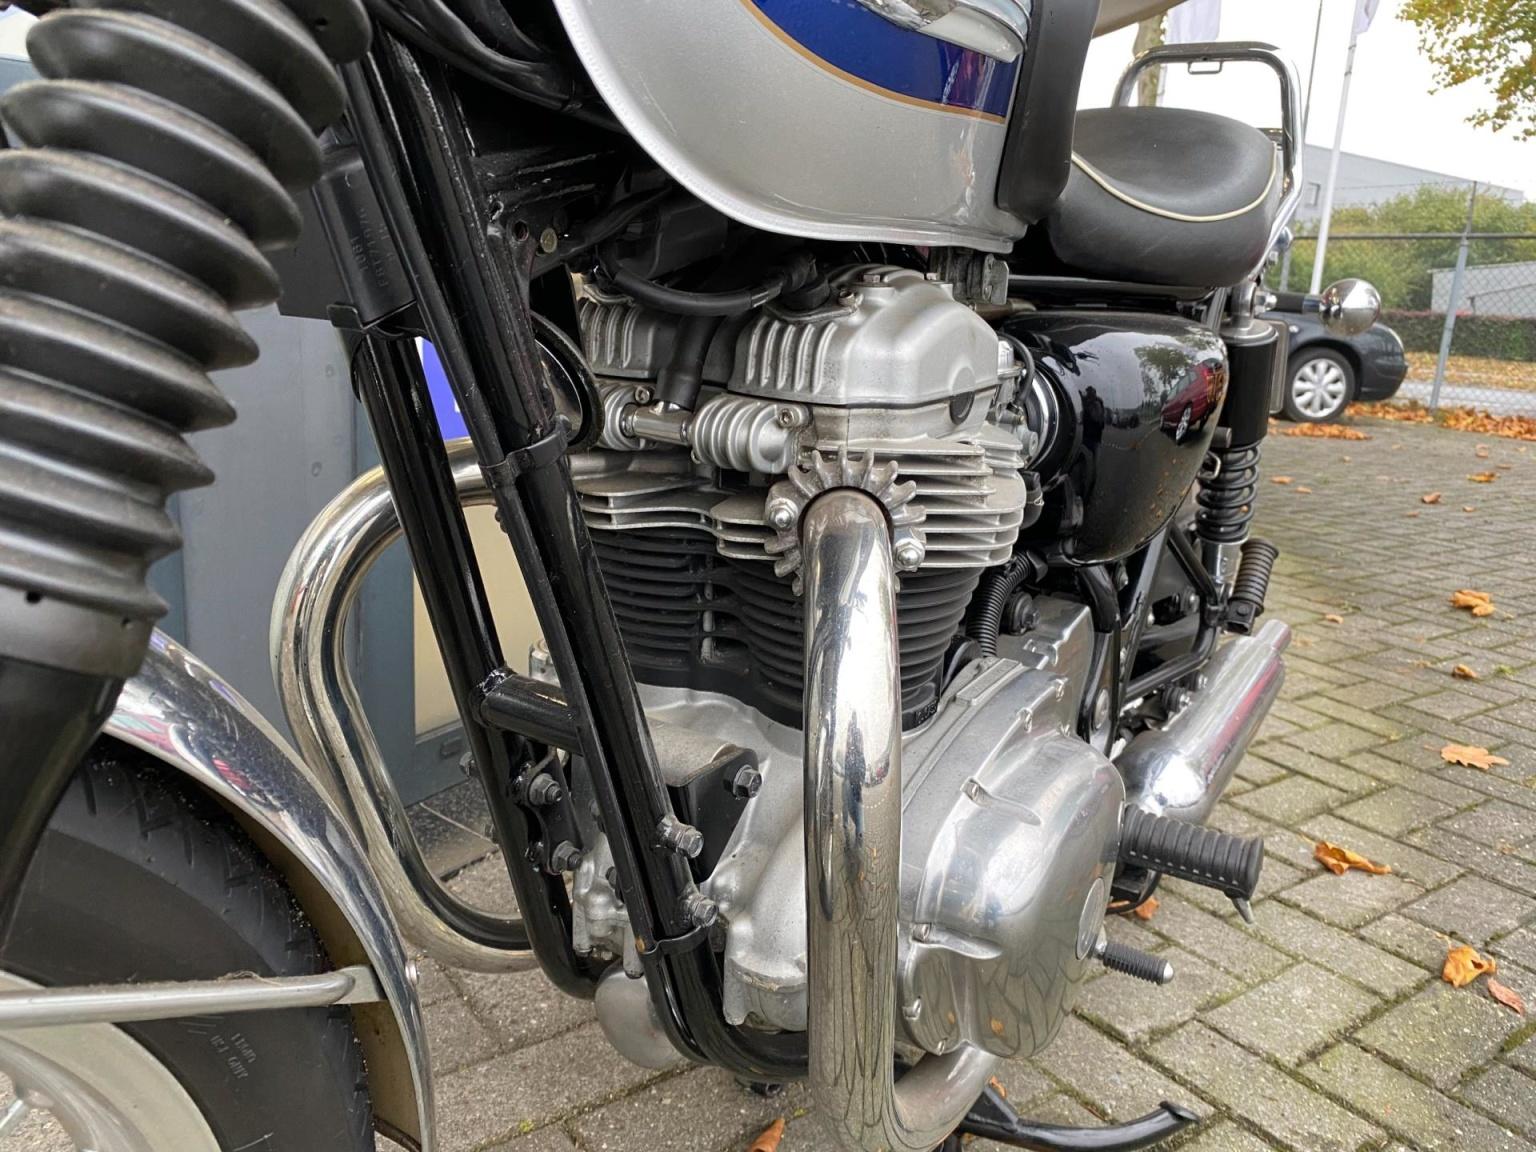 Kawasaki-Tour W 650-3